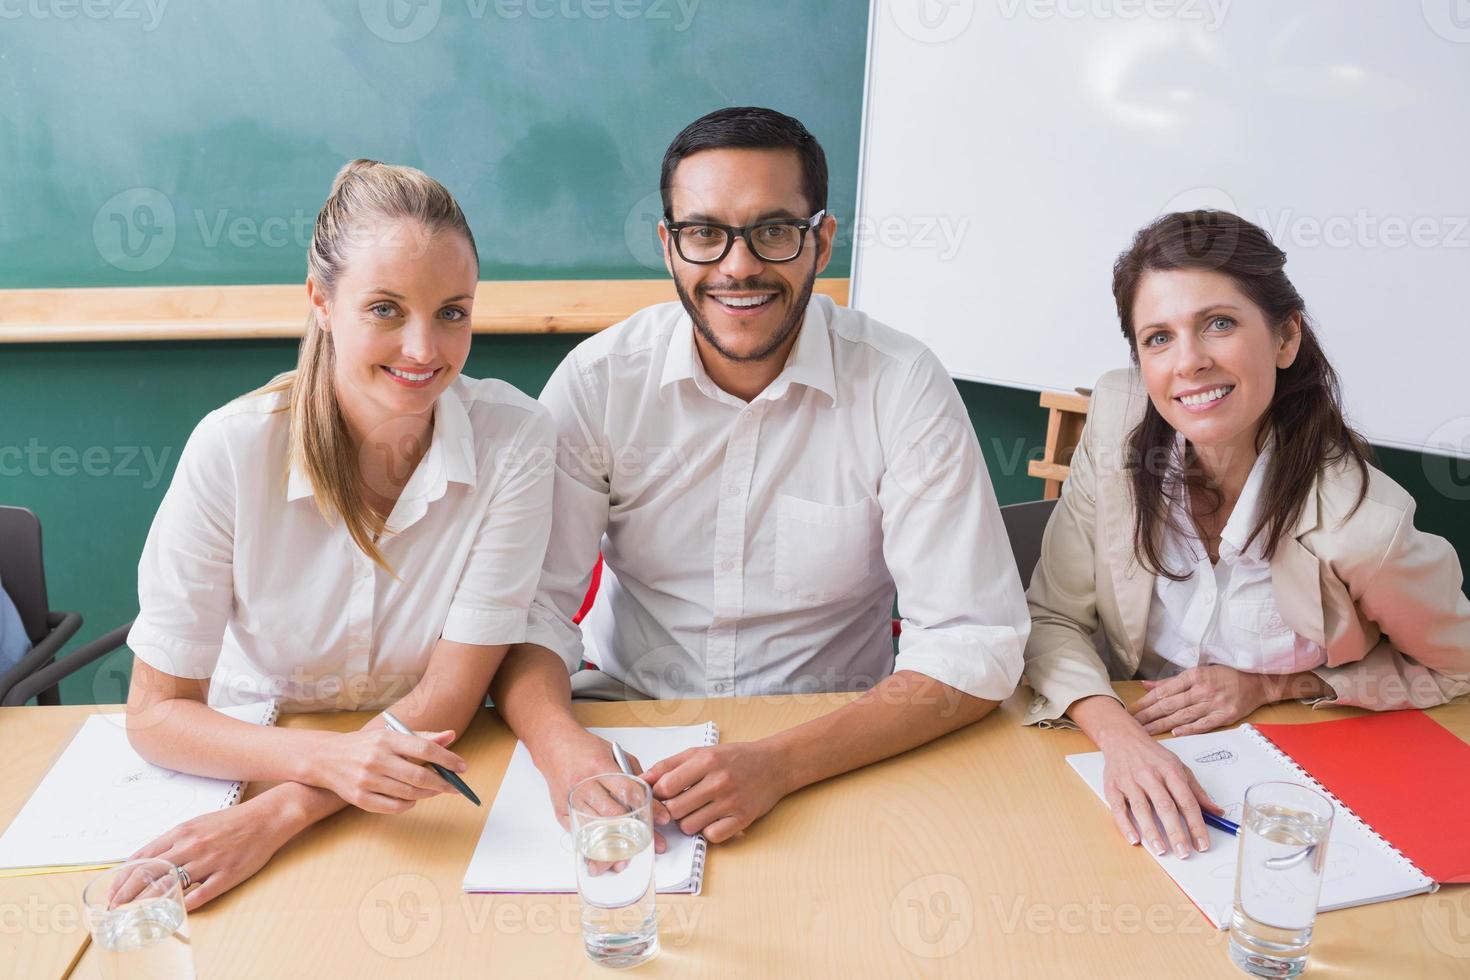 squadra di affari casuali che sorride alla macchina fotografica nel corso della riunione foto